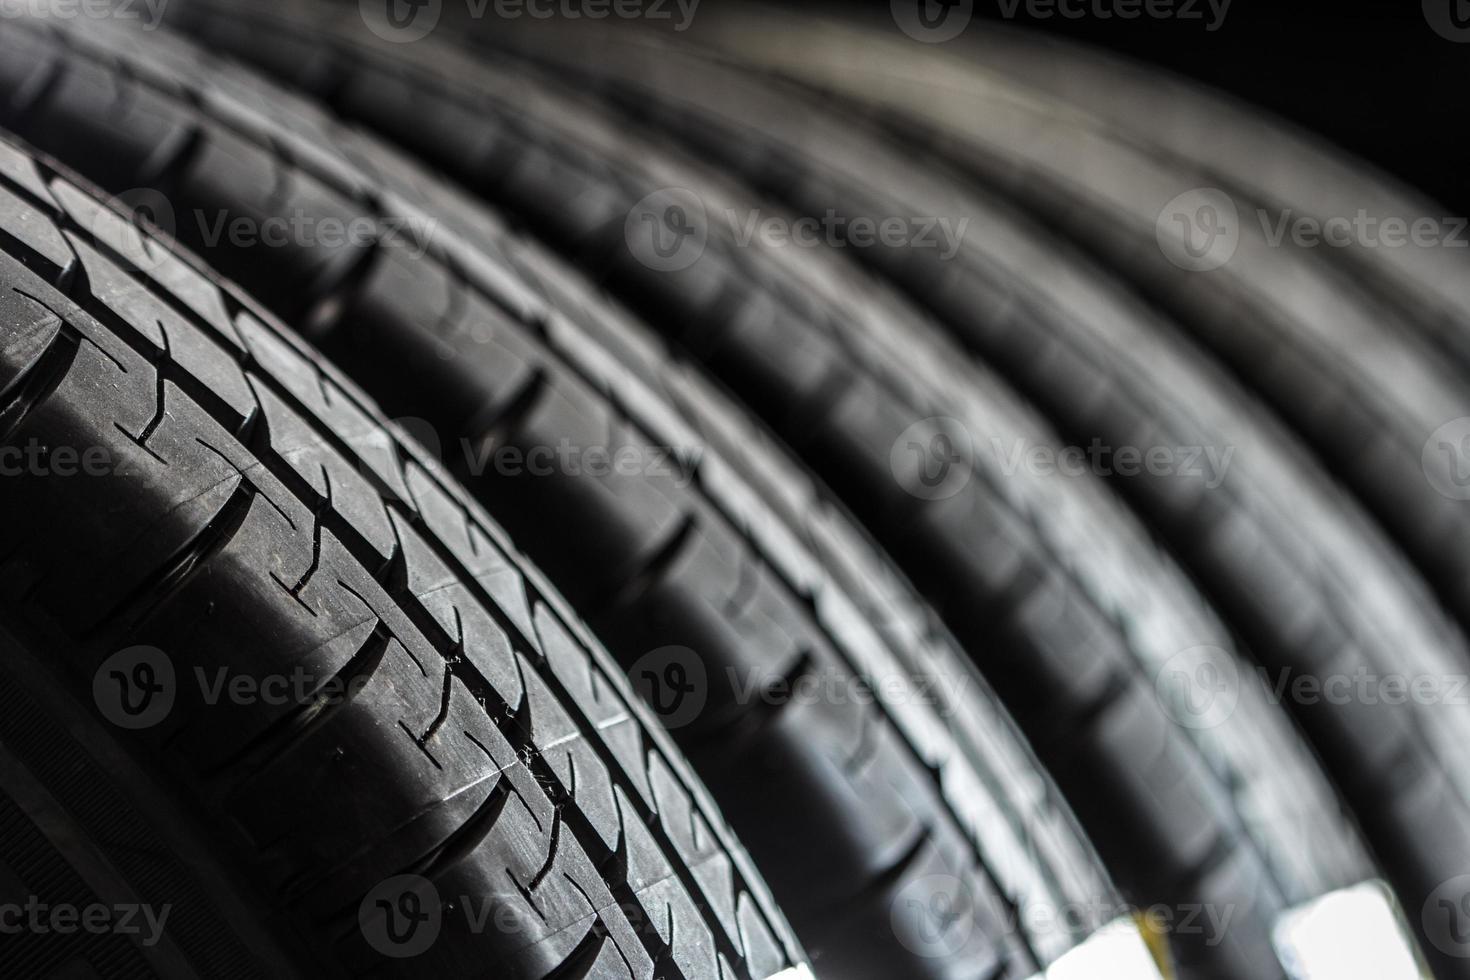 Stapel neuer Reifen foto